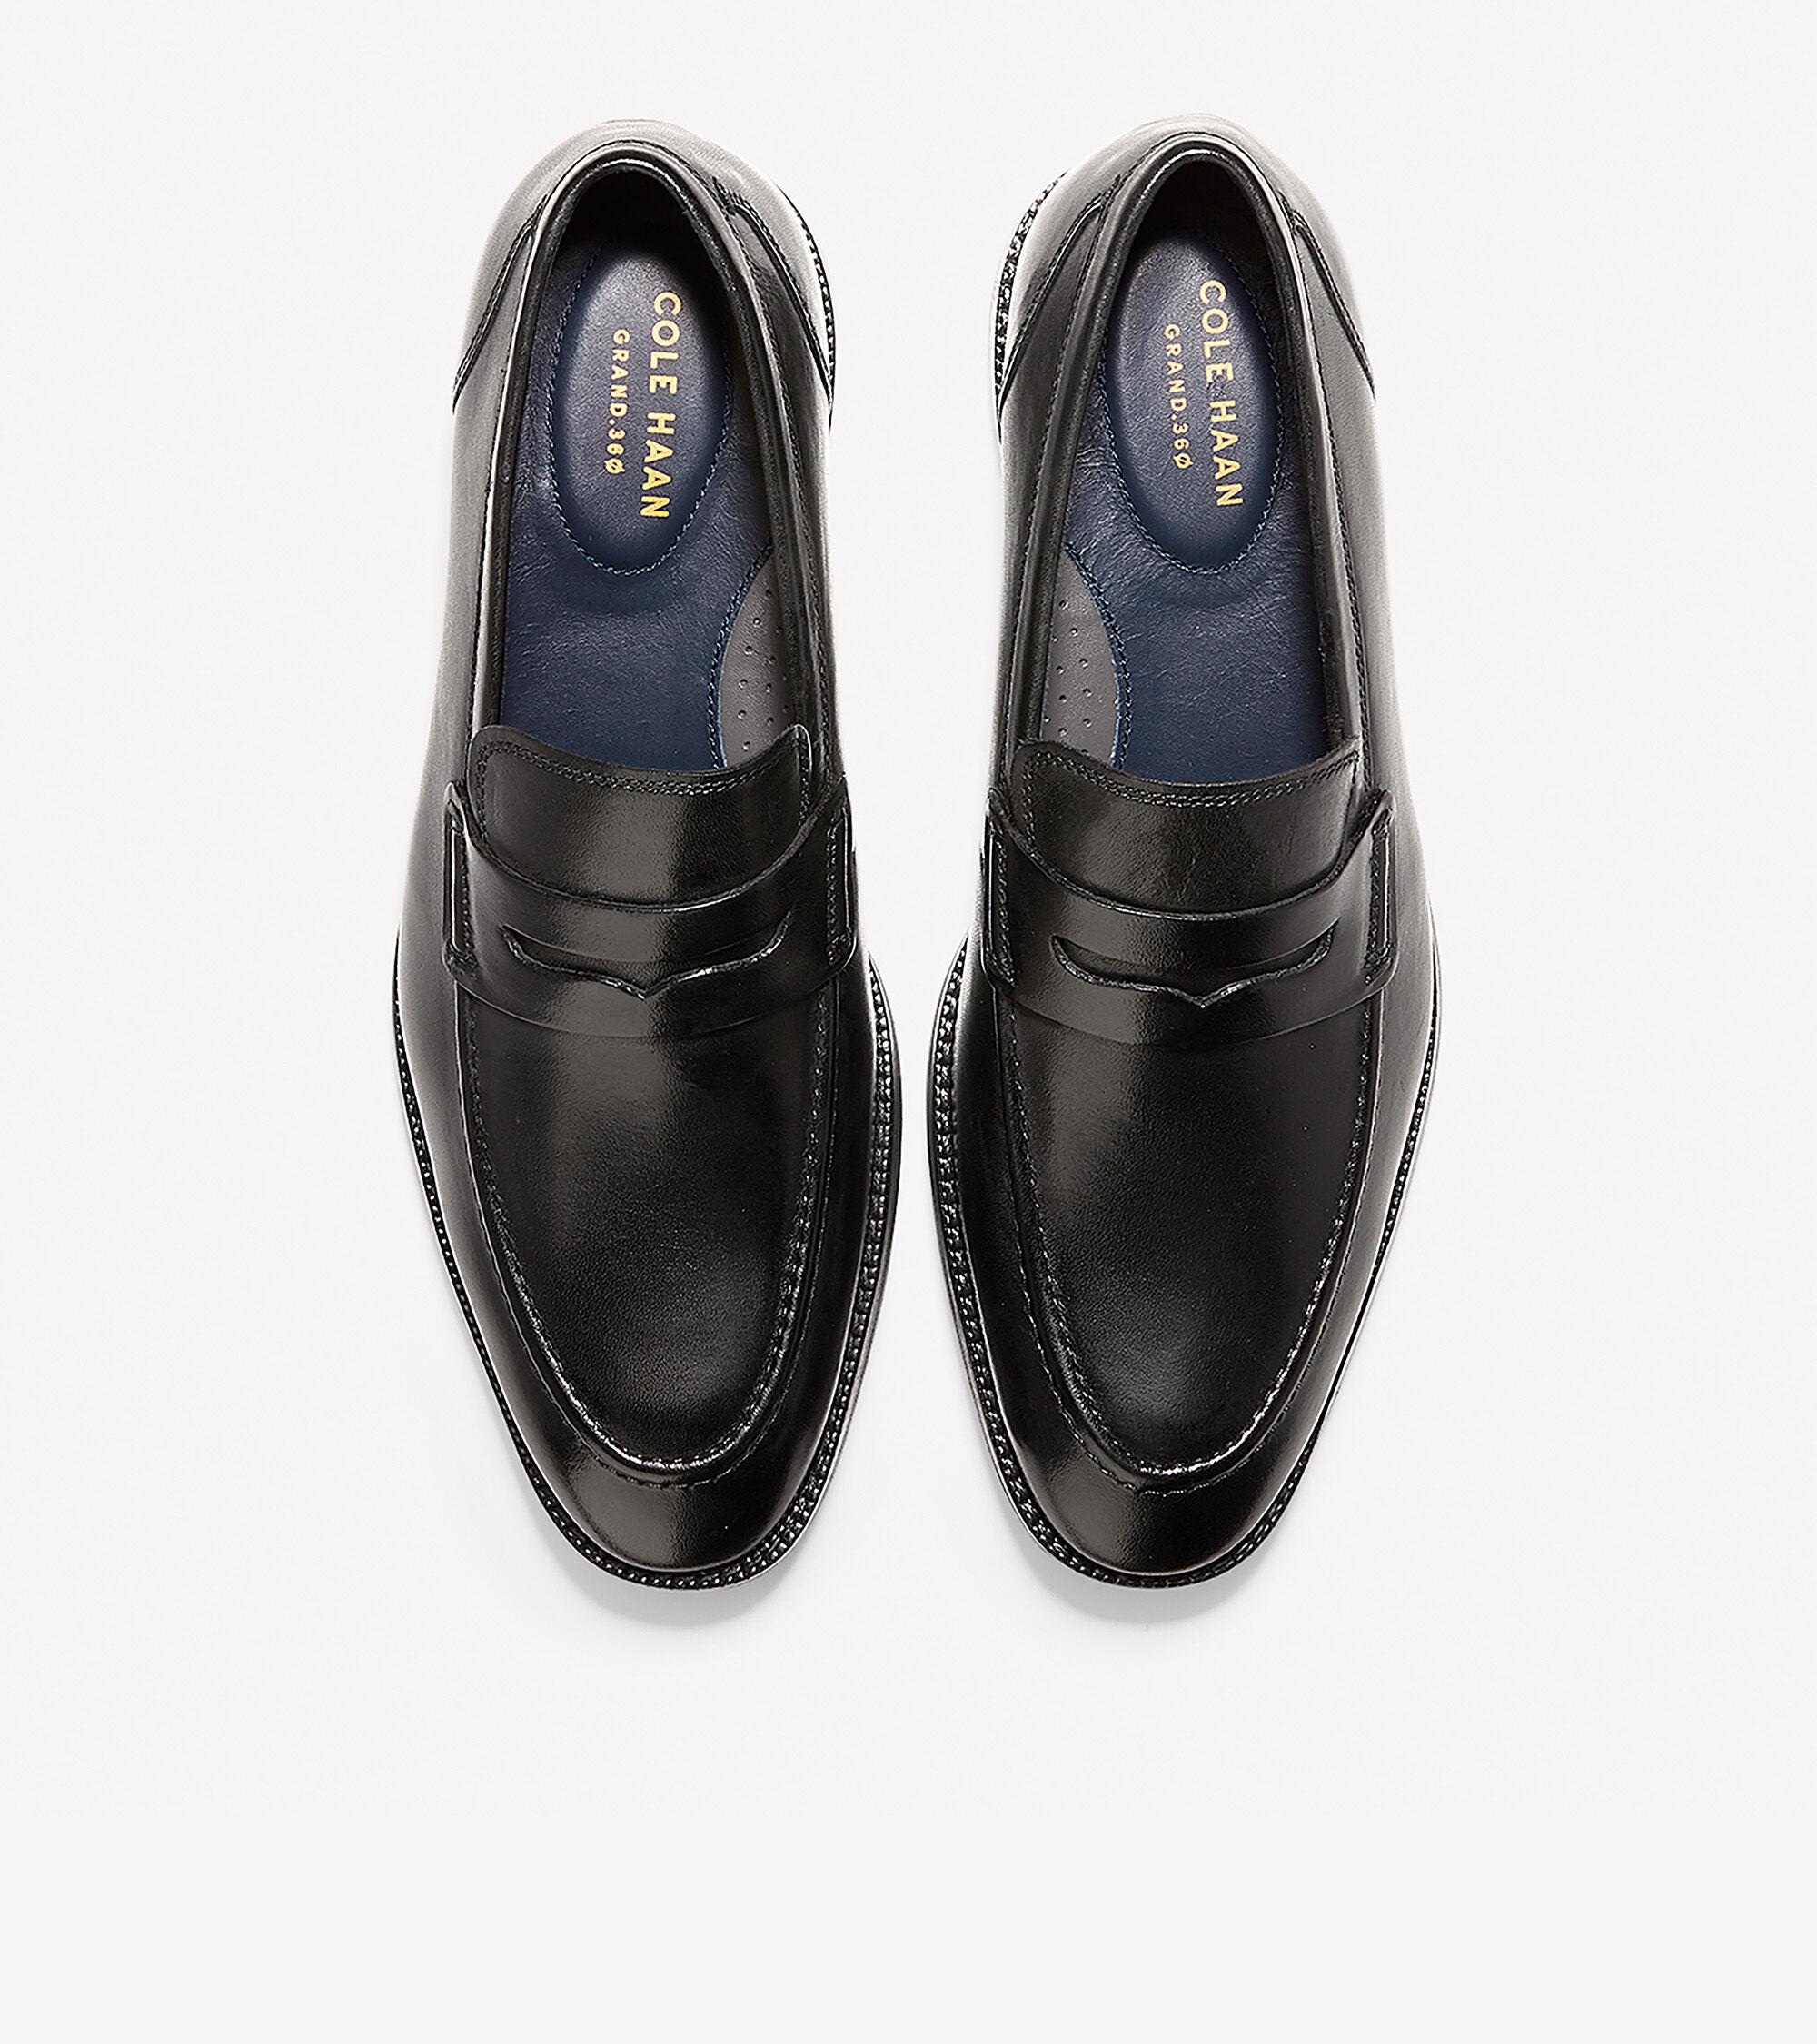 Warner Grand Penny Loafer in Black